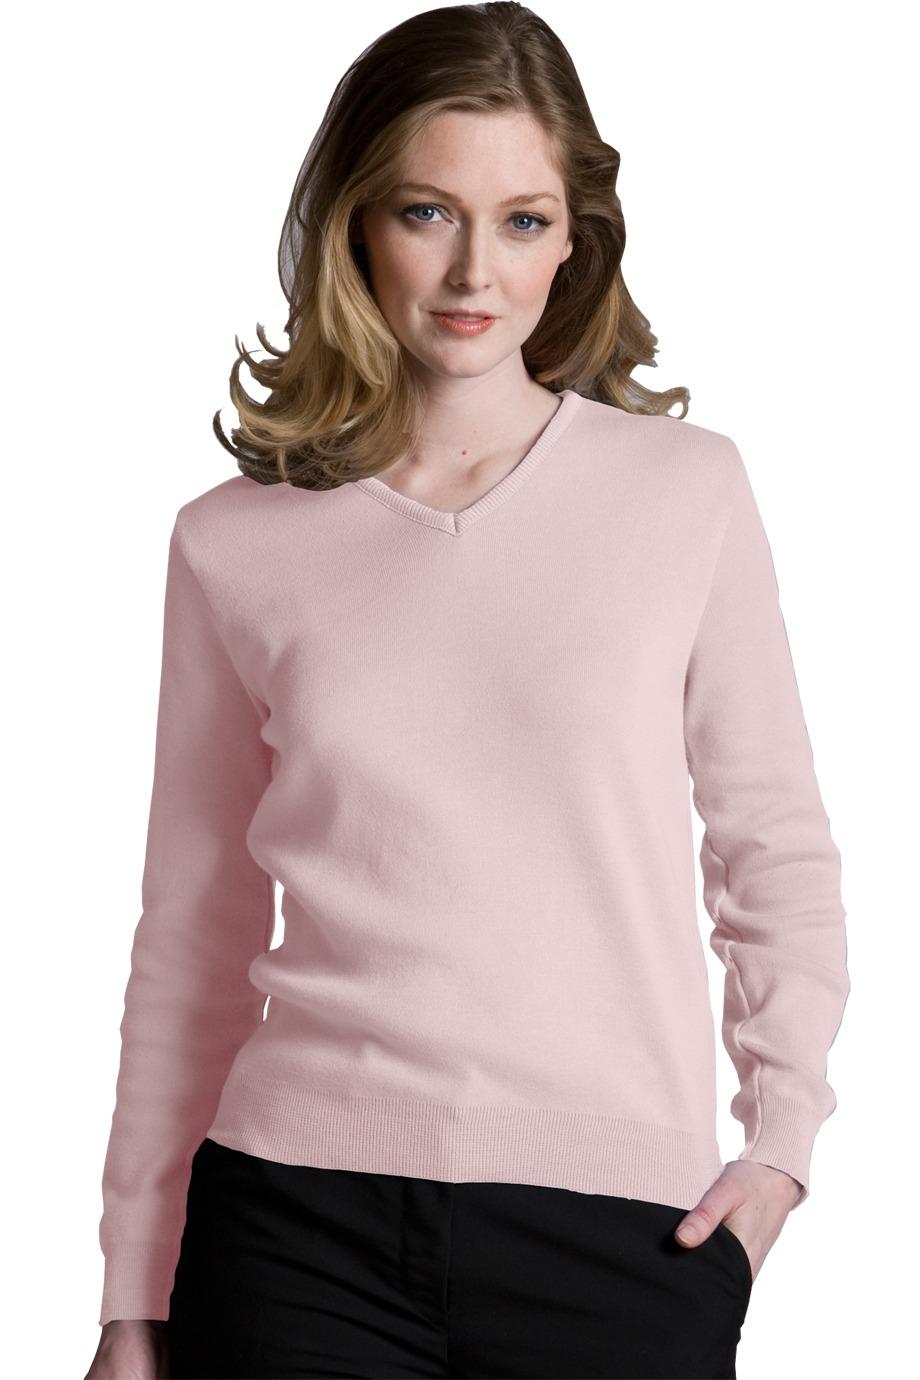 Edwards Garment 090 - Women's Cotton Cashmere V-Neck ...